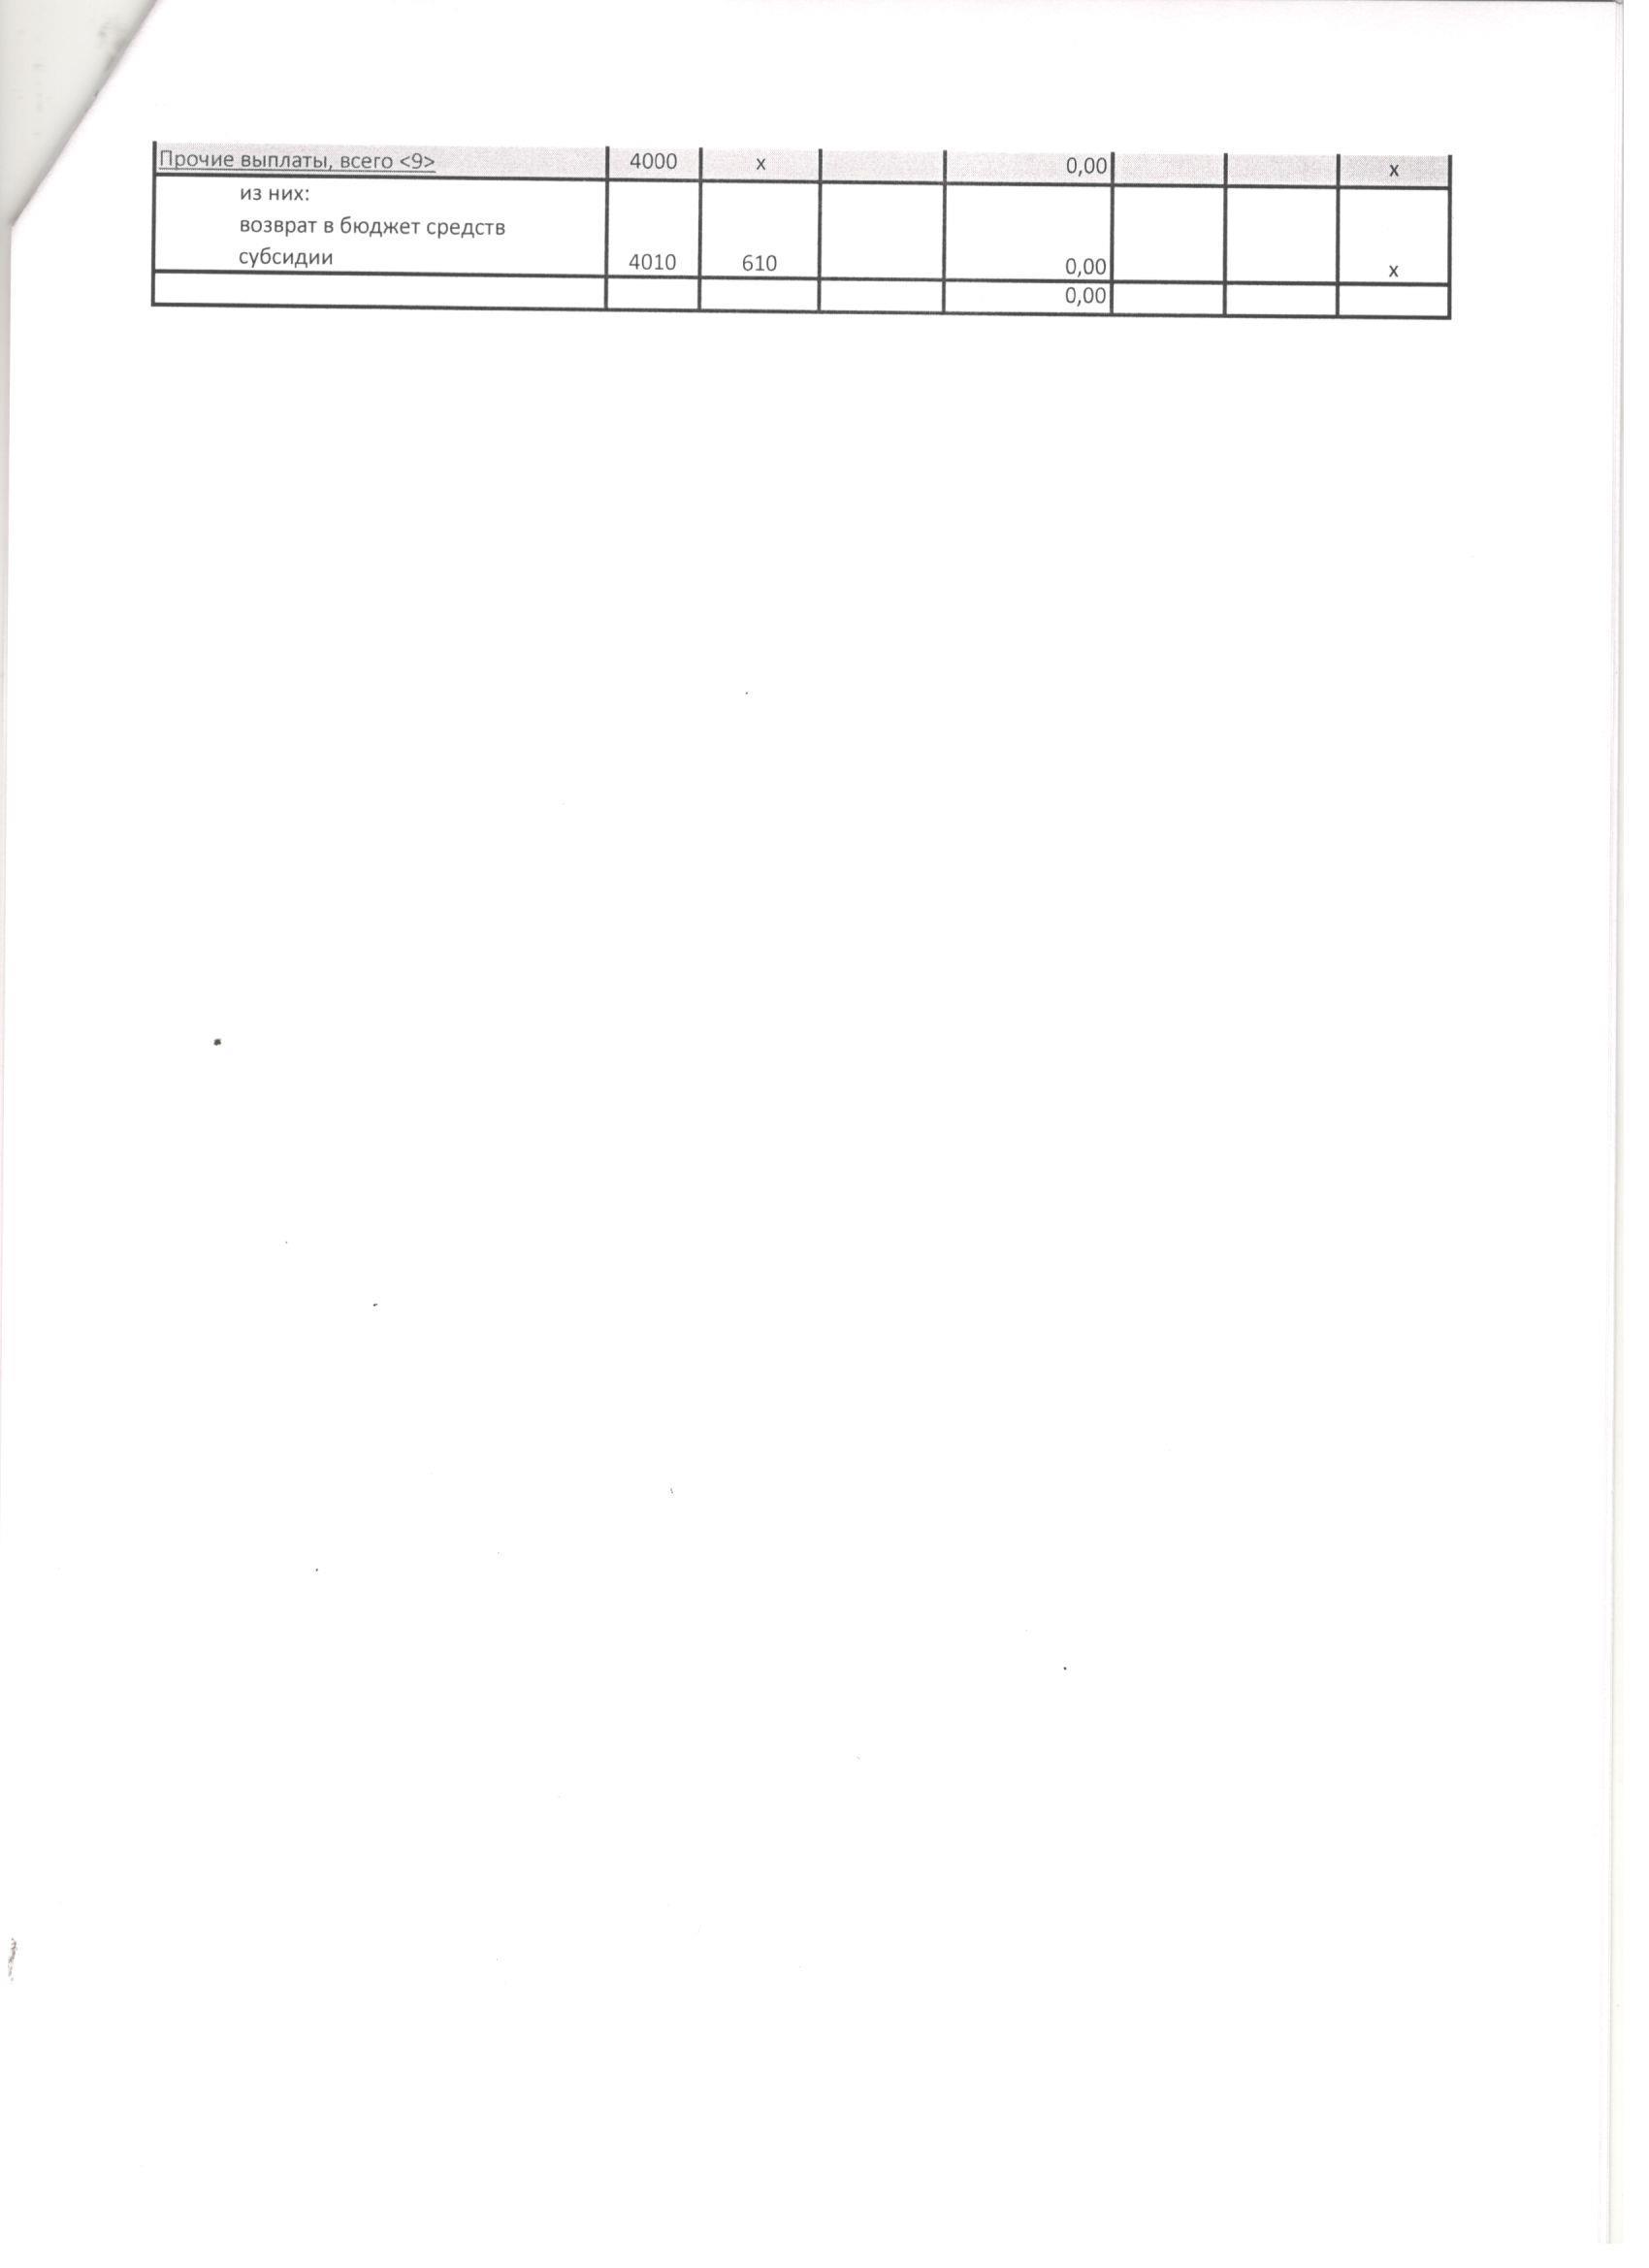 корр 5-08-20